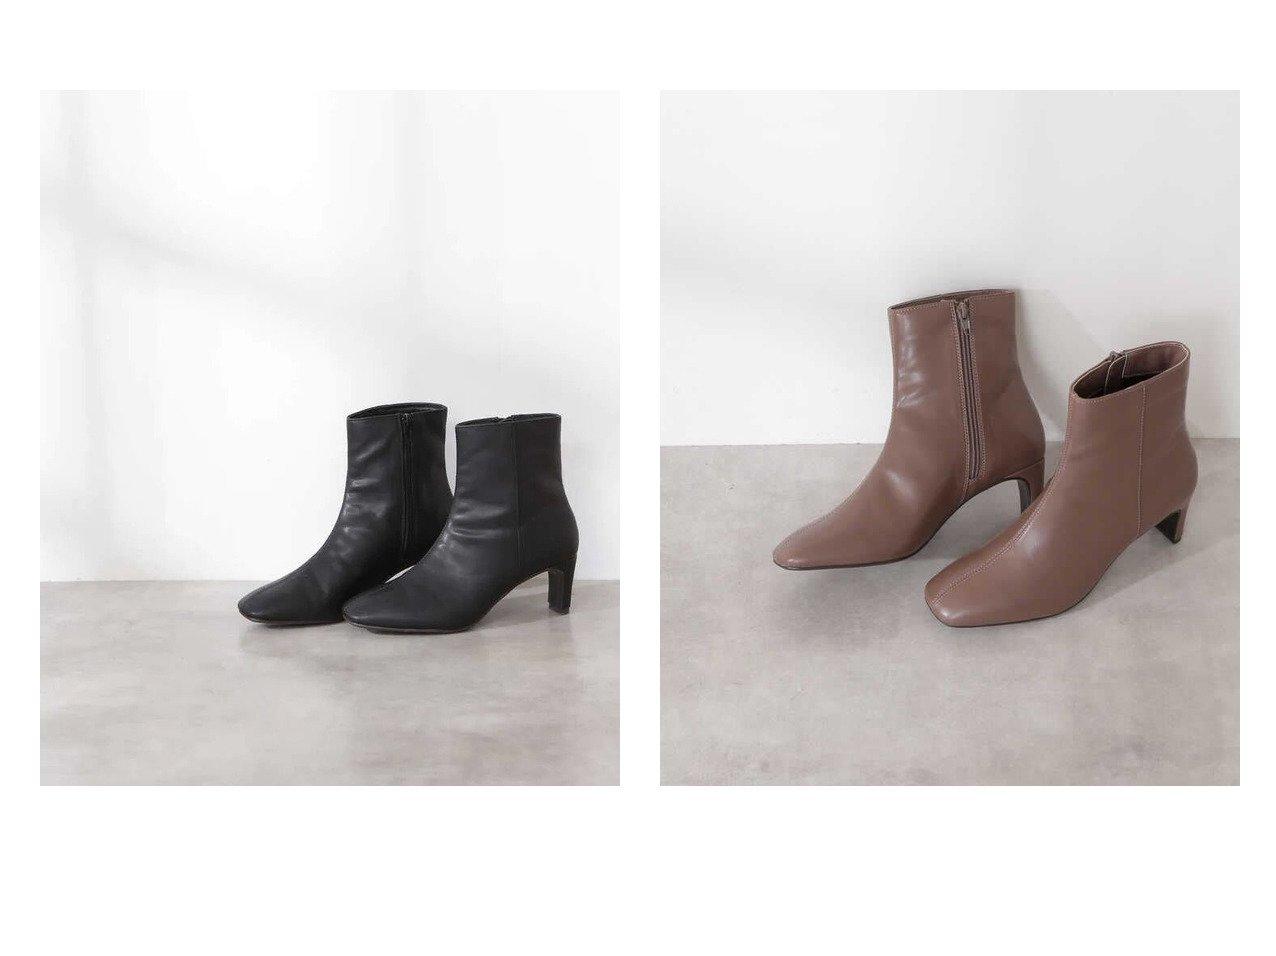 【N.Natural Beauty basic/エヌ ナチュラルビューティーベーシック】のセットバックショートブーツ 【シューズ・靴】おすすめ!人気、トレンド・レディースファッションの通販 おすすめで人気の流行・トレンド、ファッションの通販商品 インテリア・家具・メンズファッション・キッズファッション・レディースファッション・服の通販 founy(ファニー) https://founy.com/ ファッション Fashion レディースファッション WOMEN バッグ Bag ショート シンプル 今季 |ID:crp329100000063758